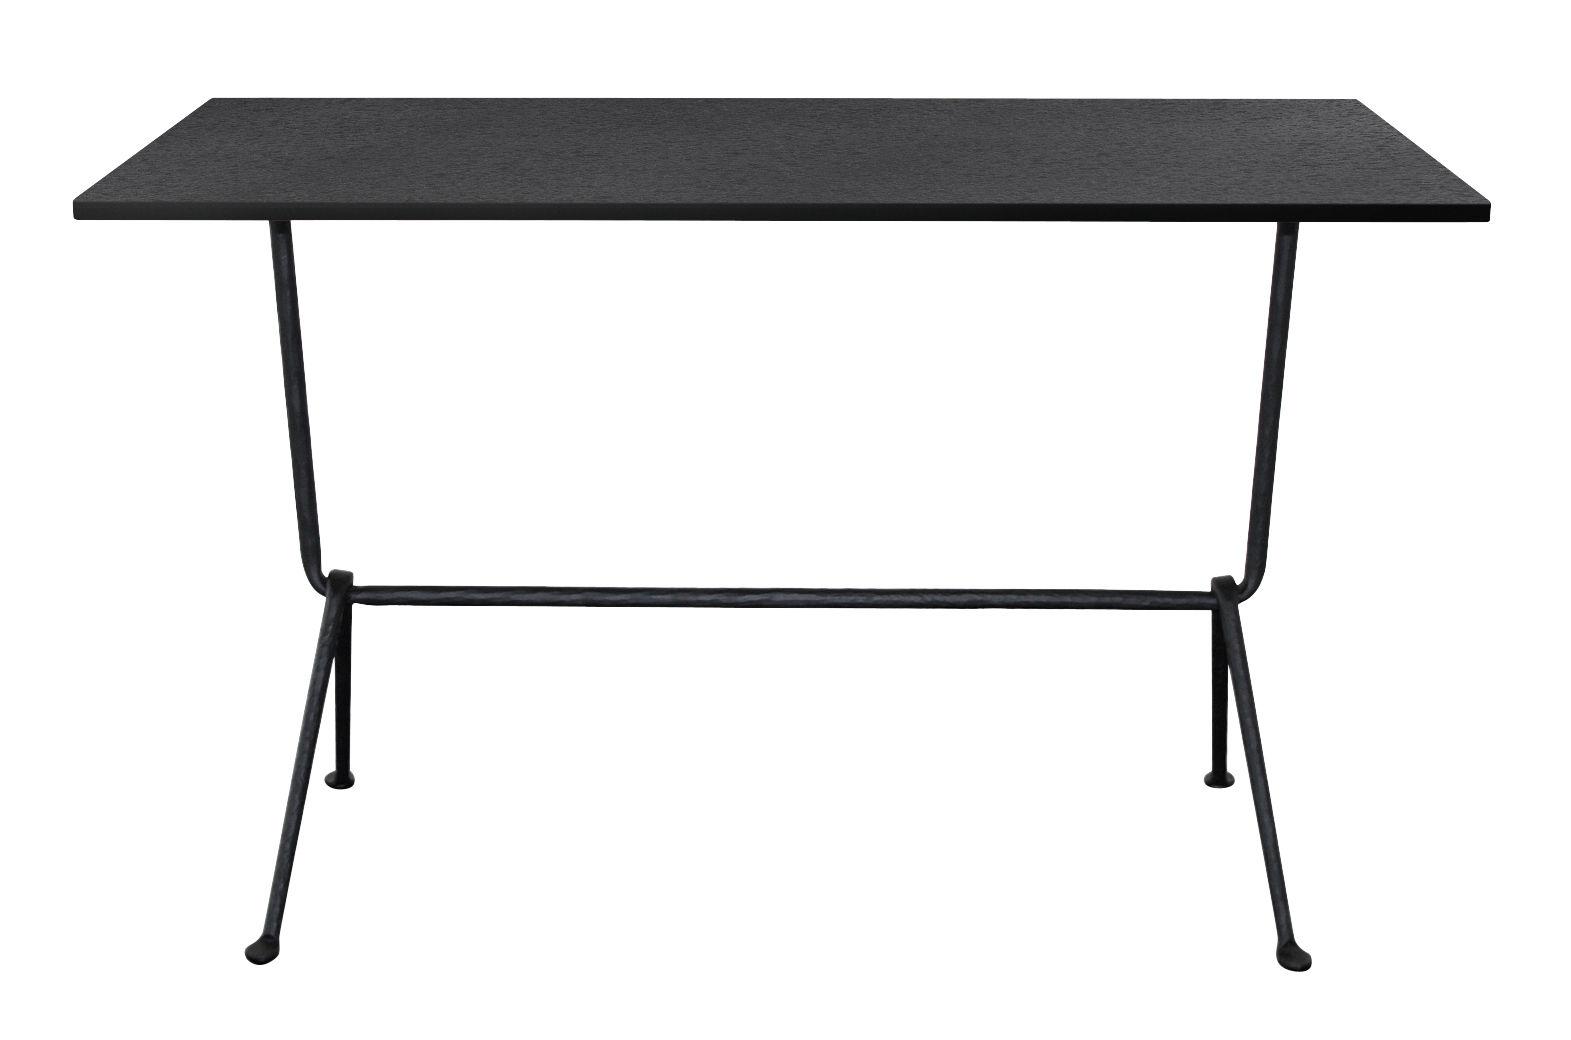 Möbel - Konsole - Officina Konsole / L 120 cm - Tischplatte aus Schiefer - Magis - Schiefer schwarz / Tischbeine schwarz - Lackiertes Schmiedeeisen, Schiefer